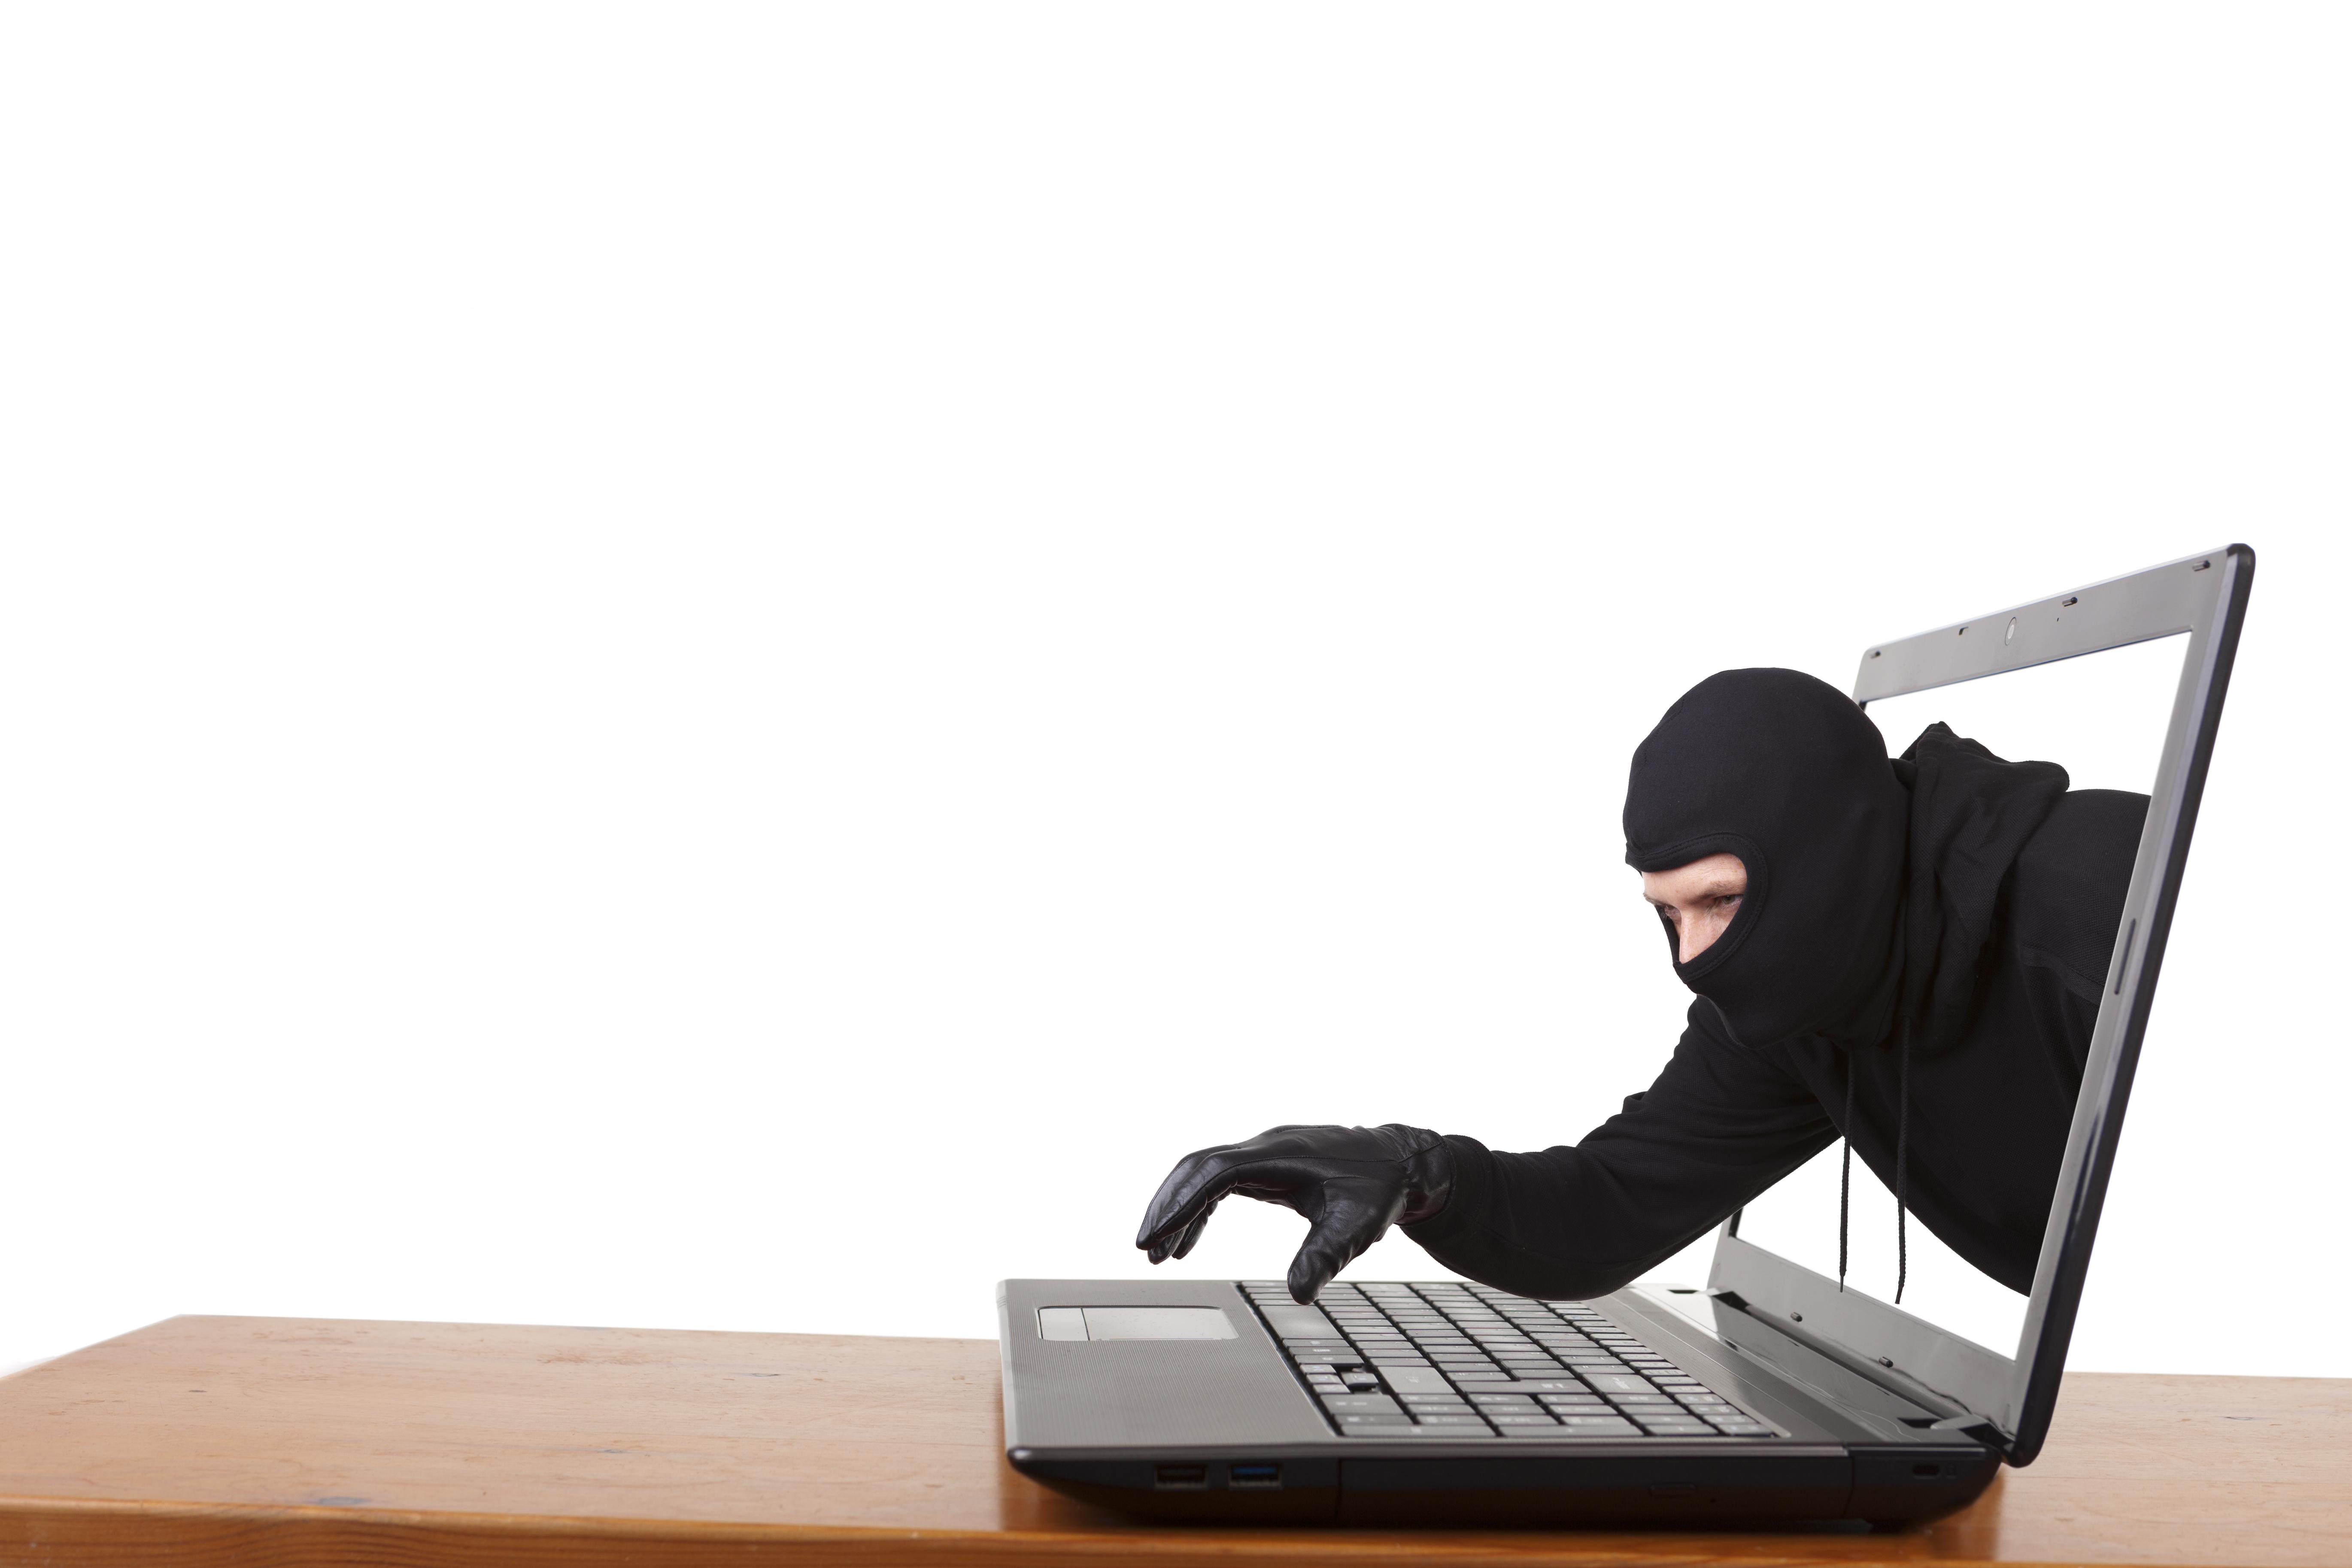 Who'd hack me?